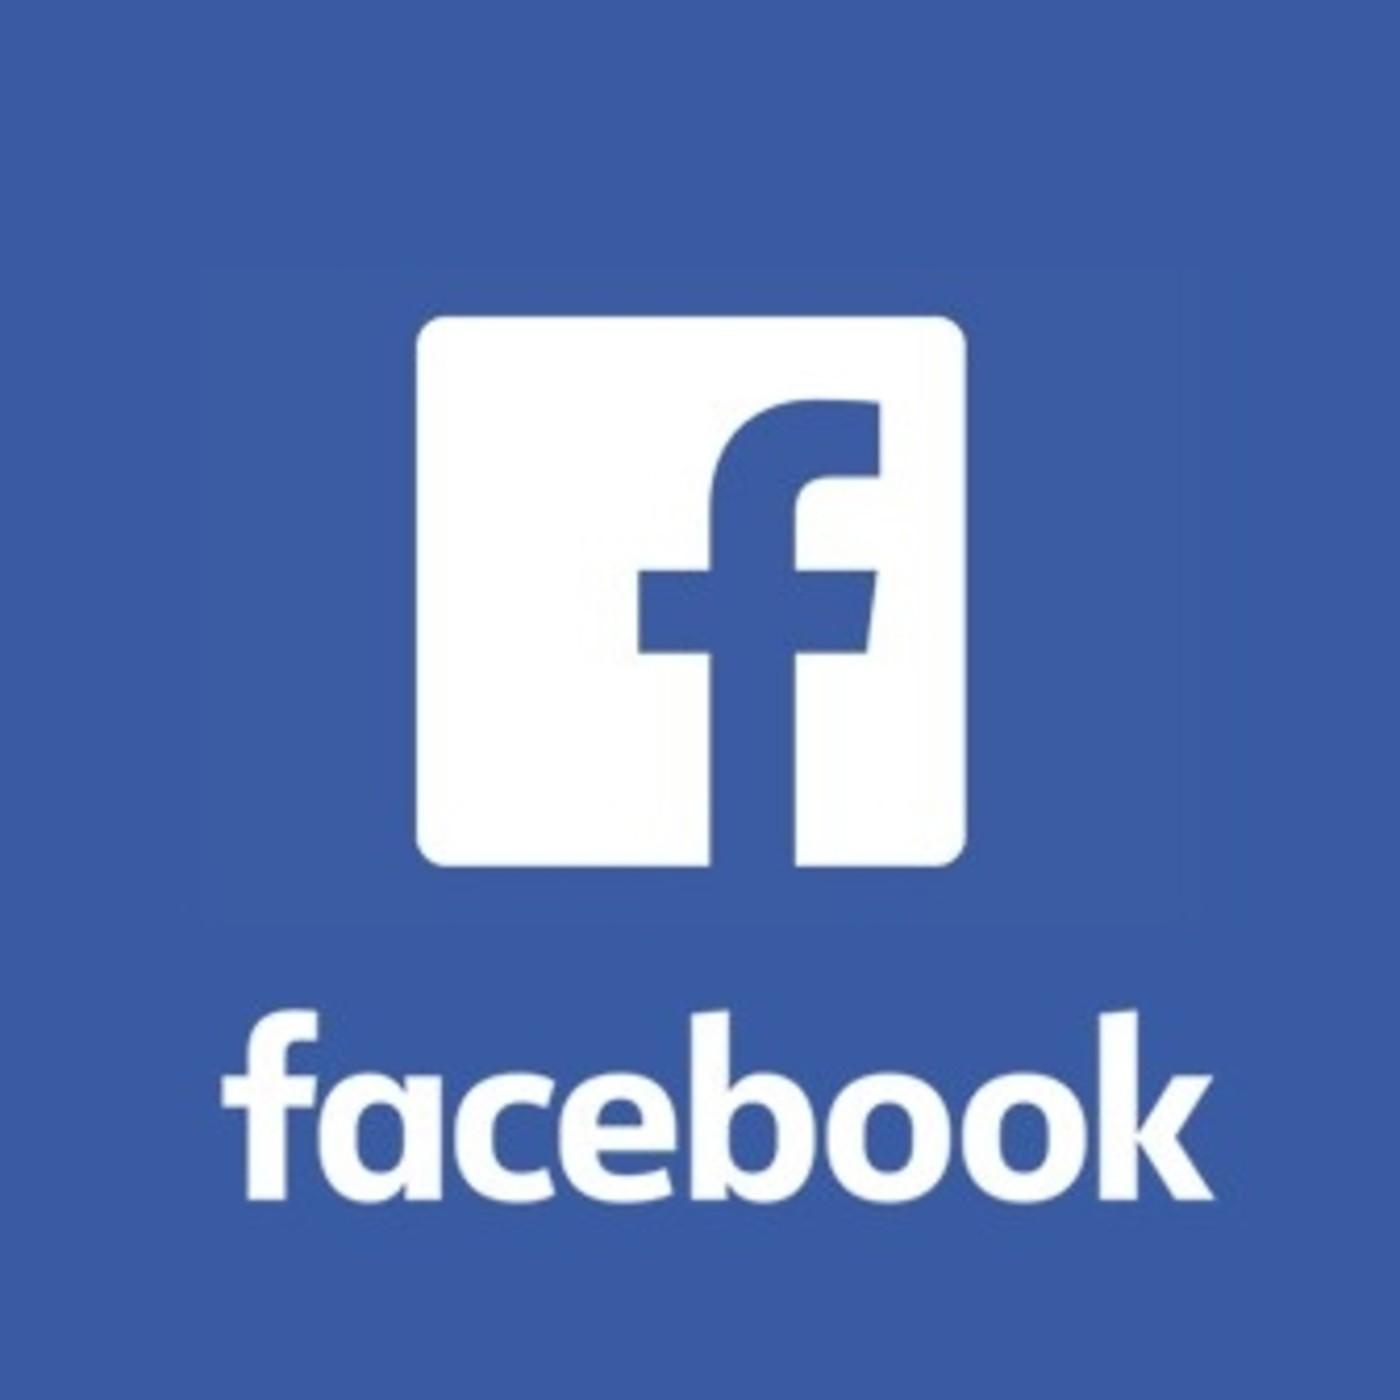 #15 Financast - Facebook - Emerito Quintana y Antonio Rentero